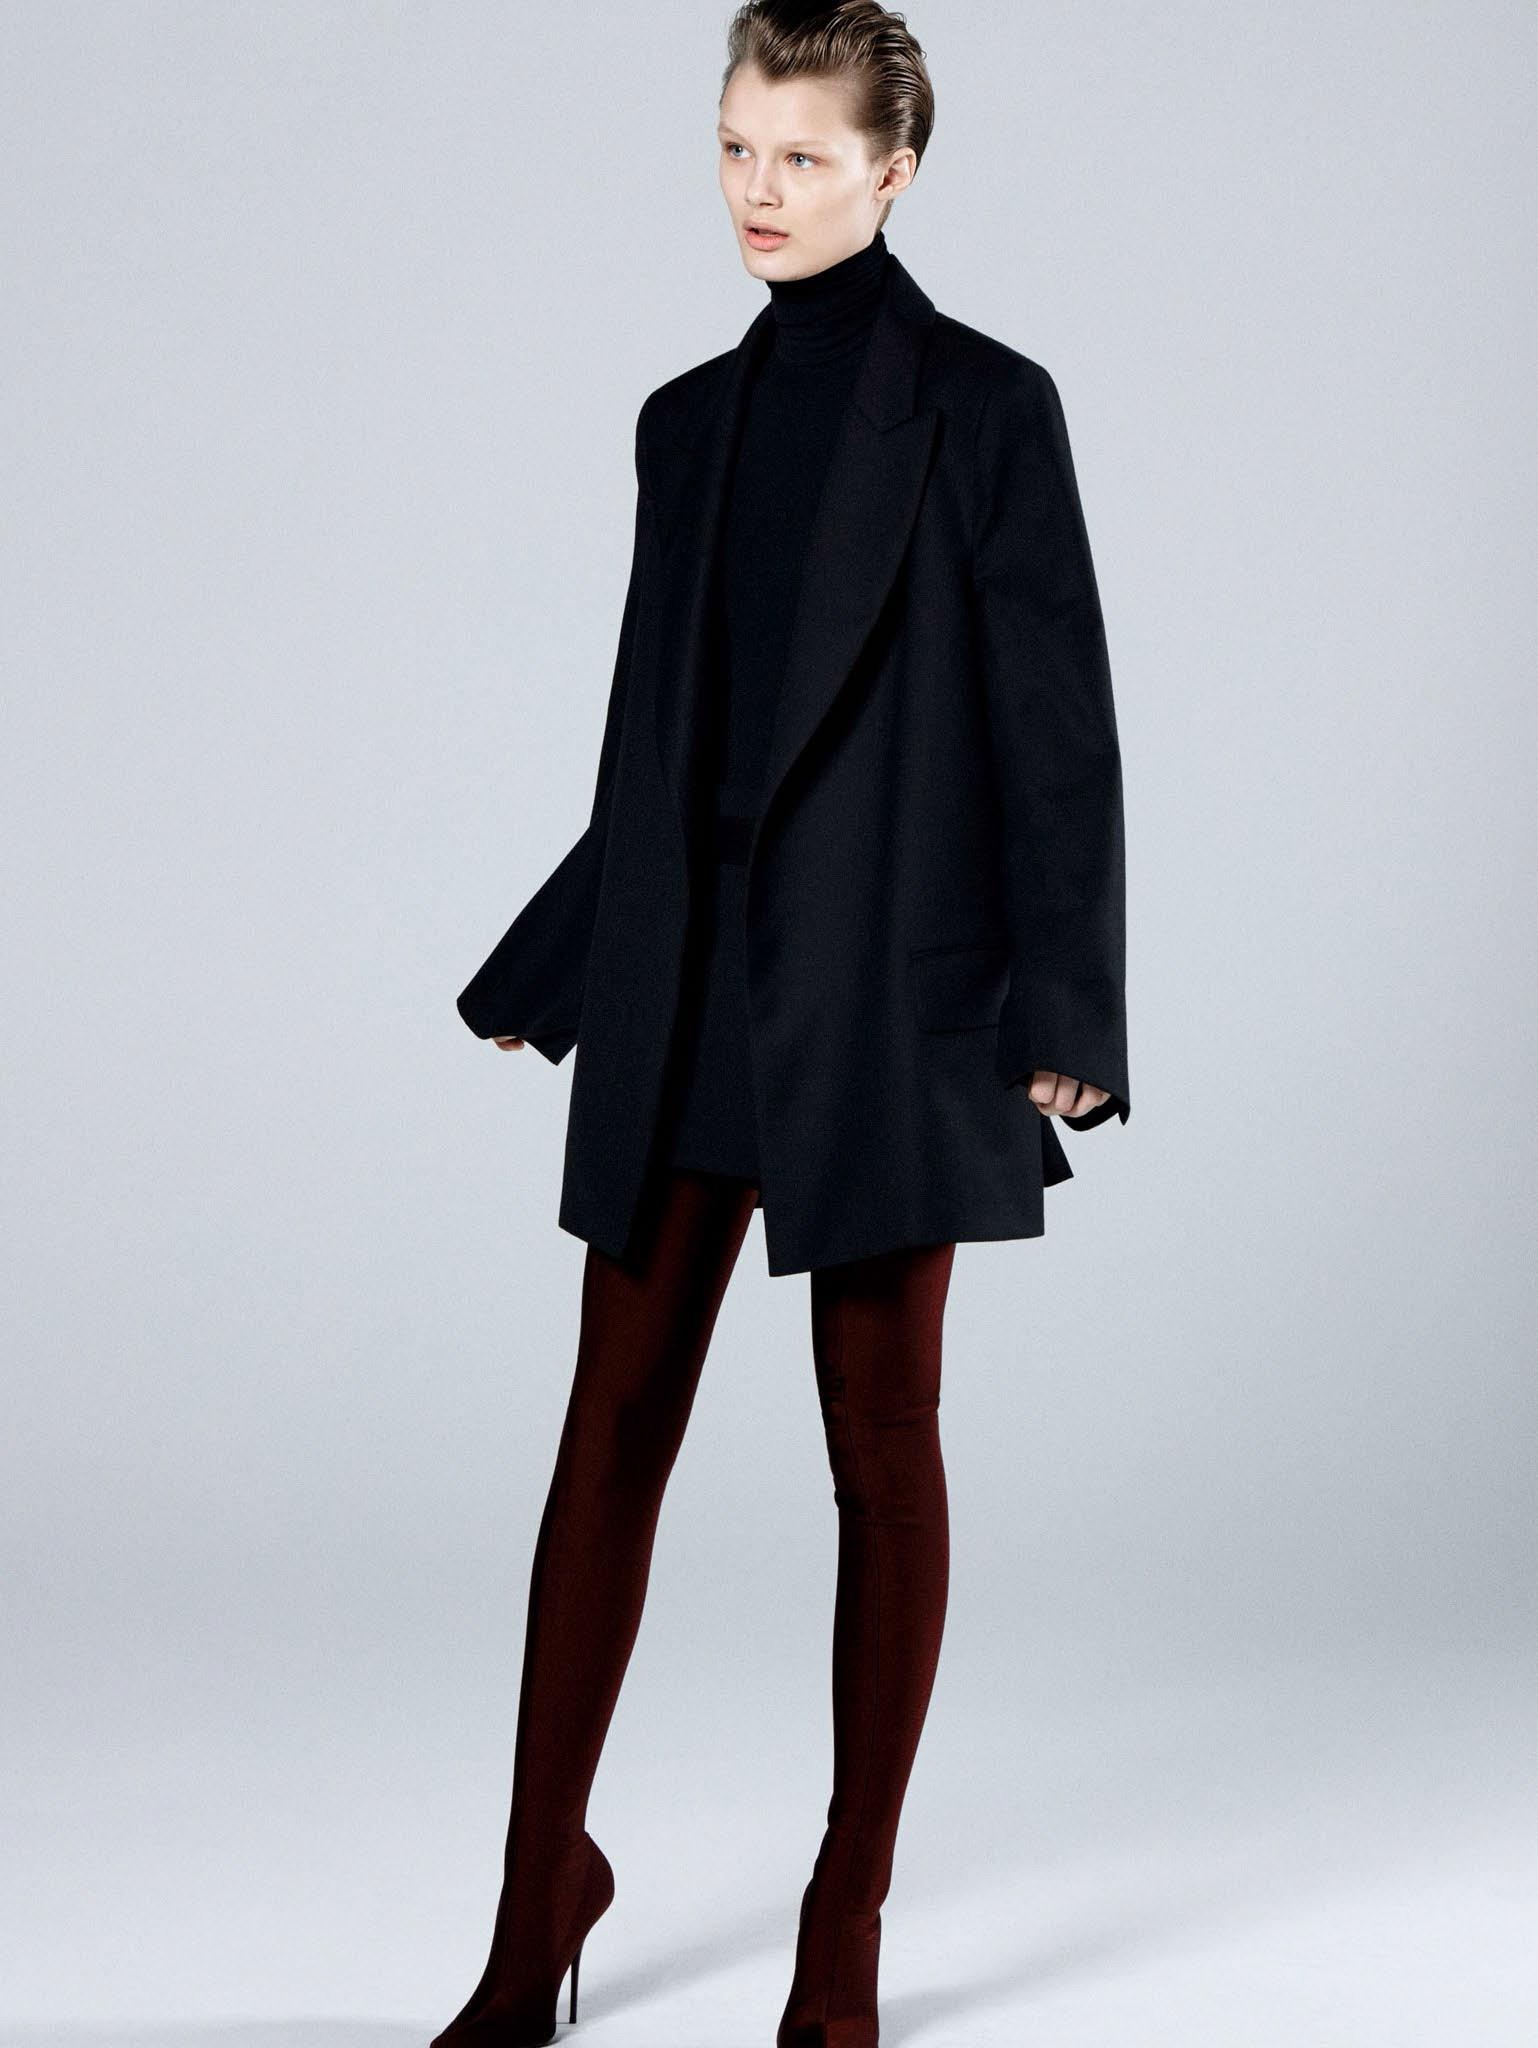 Кристина Грикайте в фотосъёмке Дэниела Джексона для китайского Vogue, май 2017 10